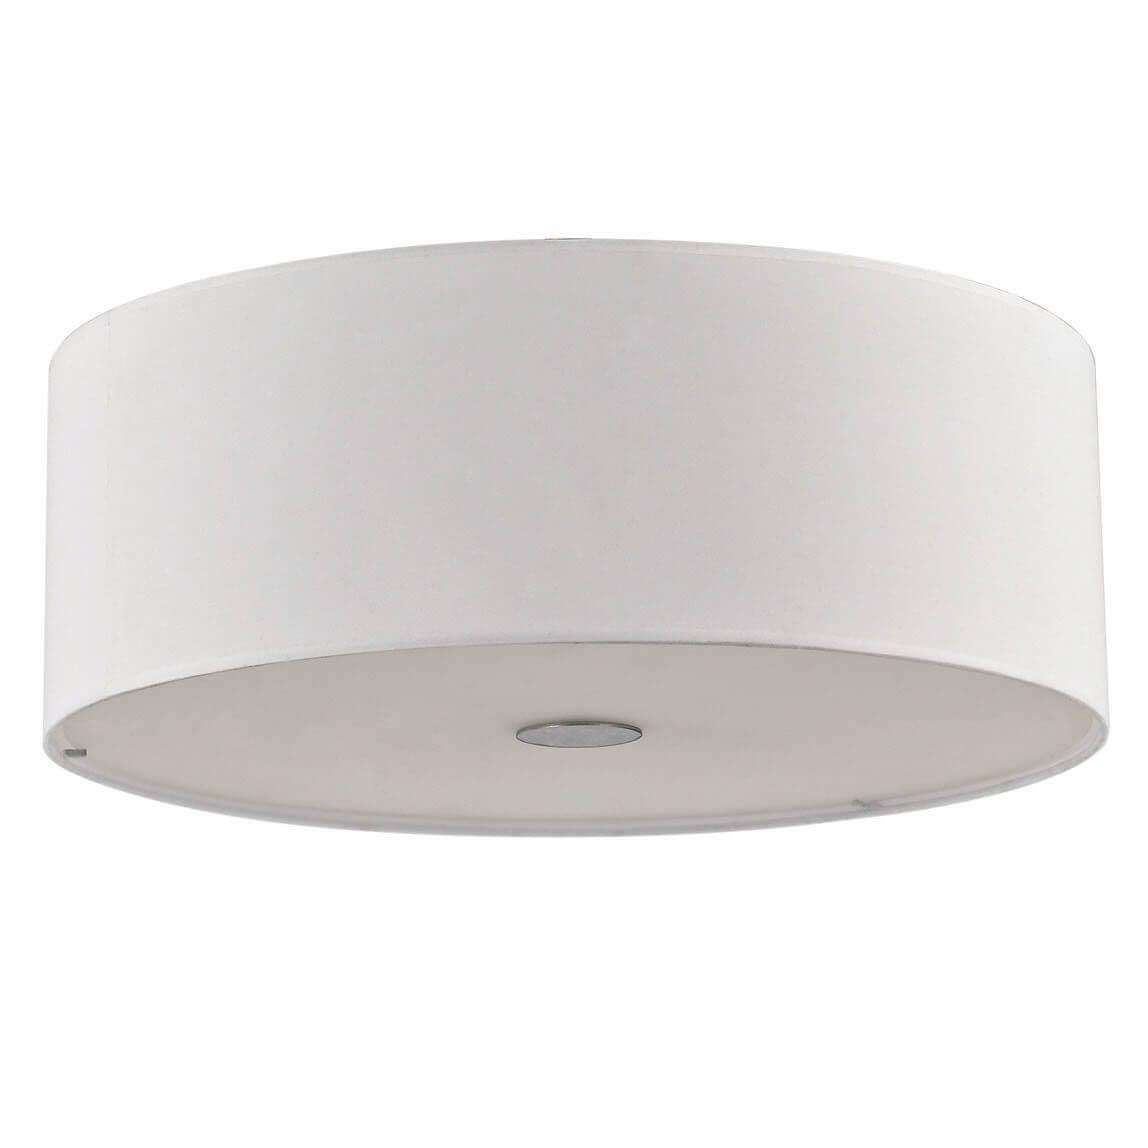 Потолочный светильник Ideal Lux Woody PL4 Bianco ideal lux потолочный спот ideal lux ciak pl4 nero